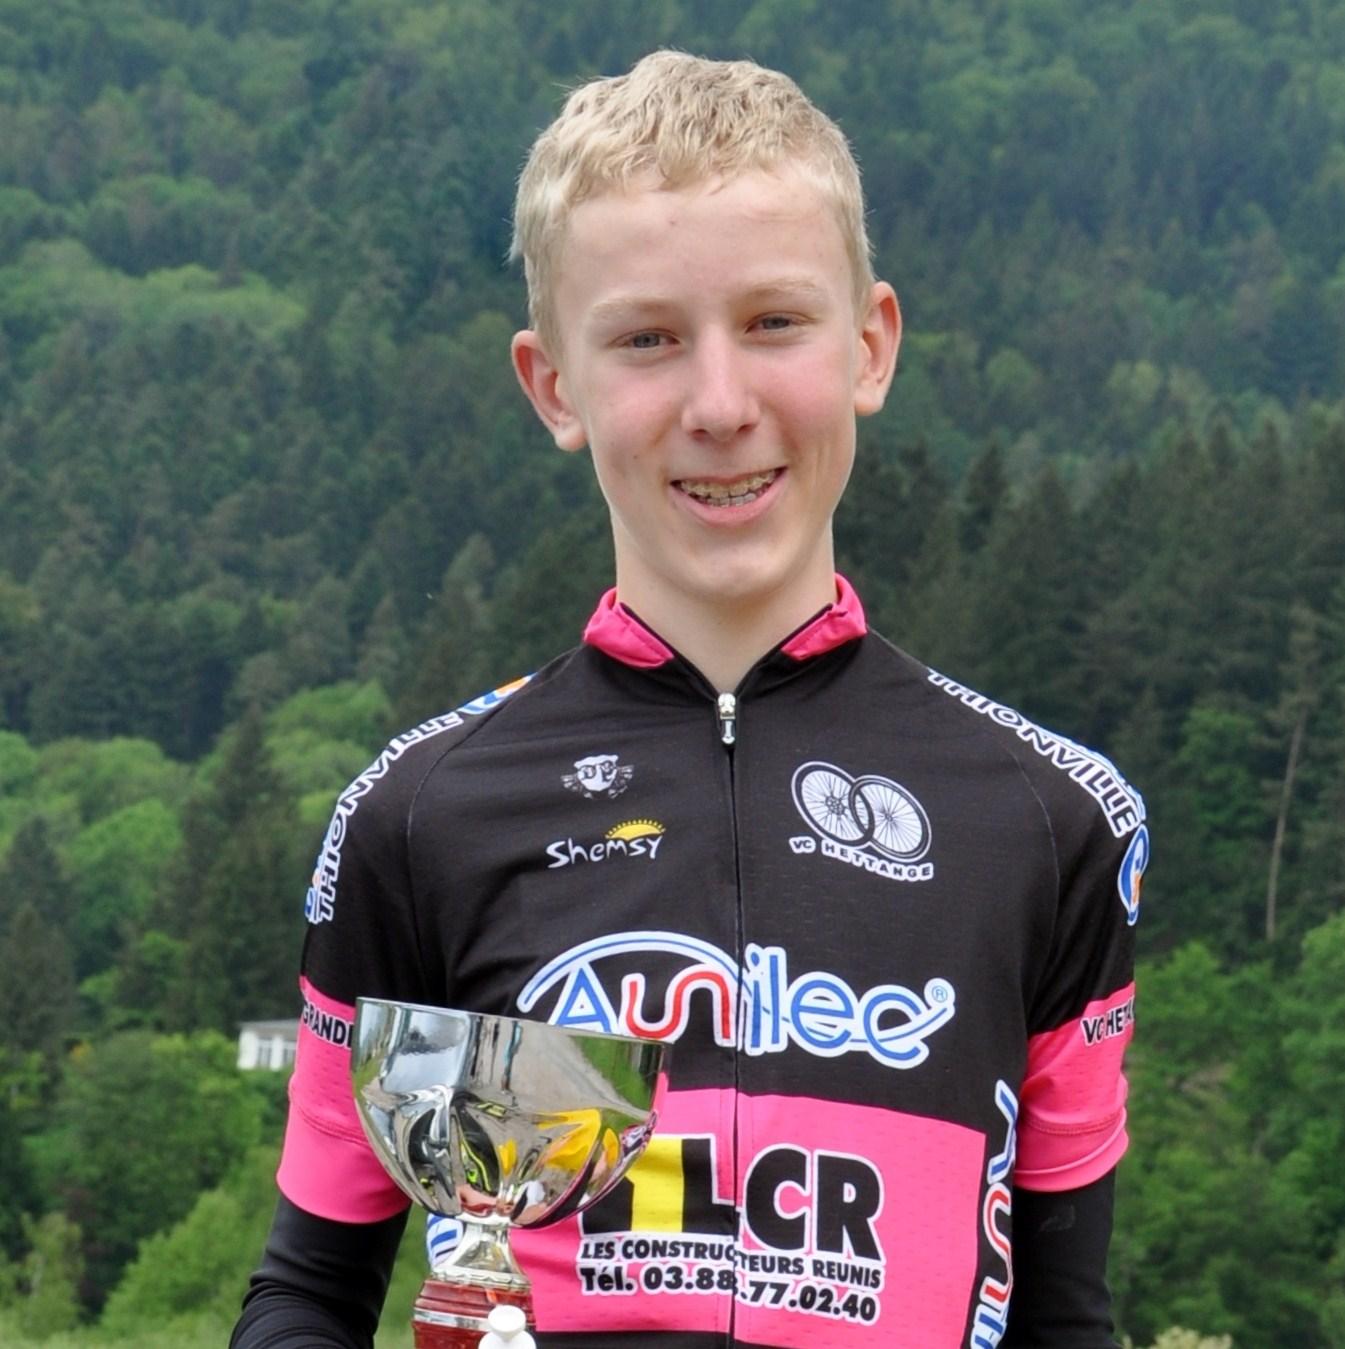 Le Tour du Morbihan Junior 2 septembre 2018 – Le Vélo Club aura son représentant